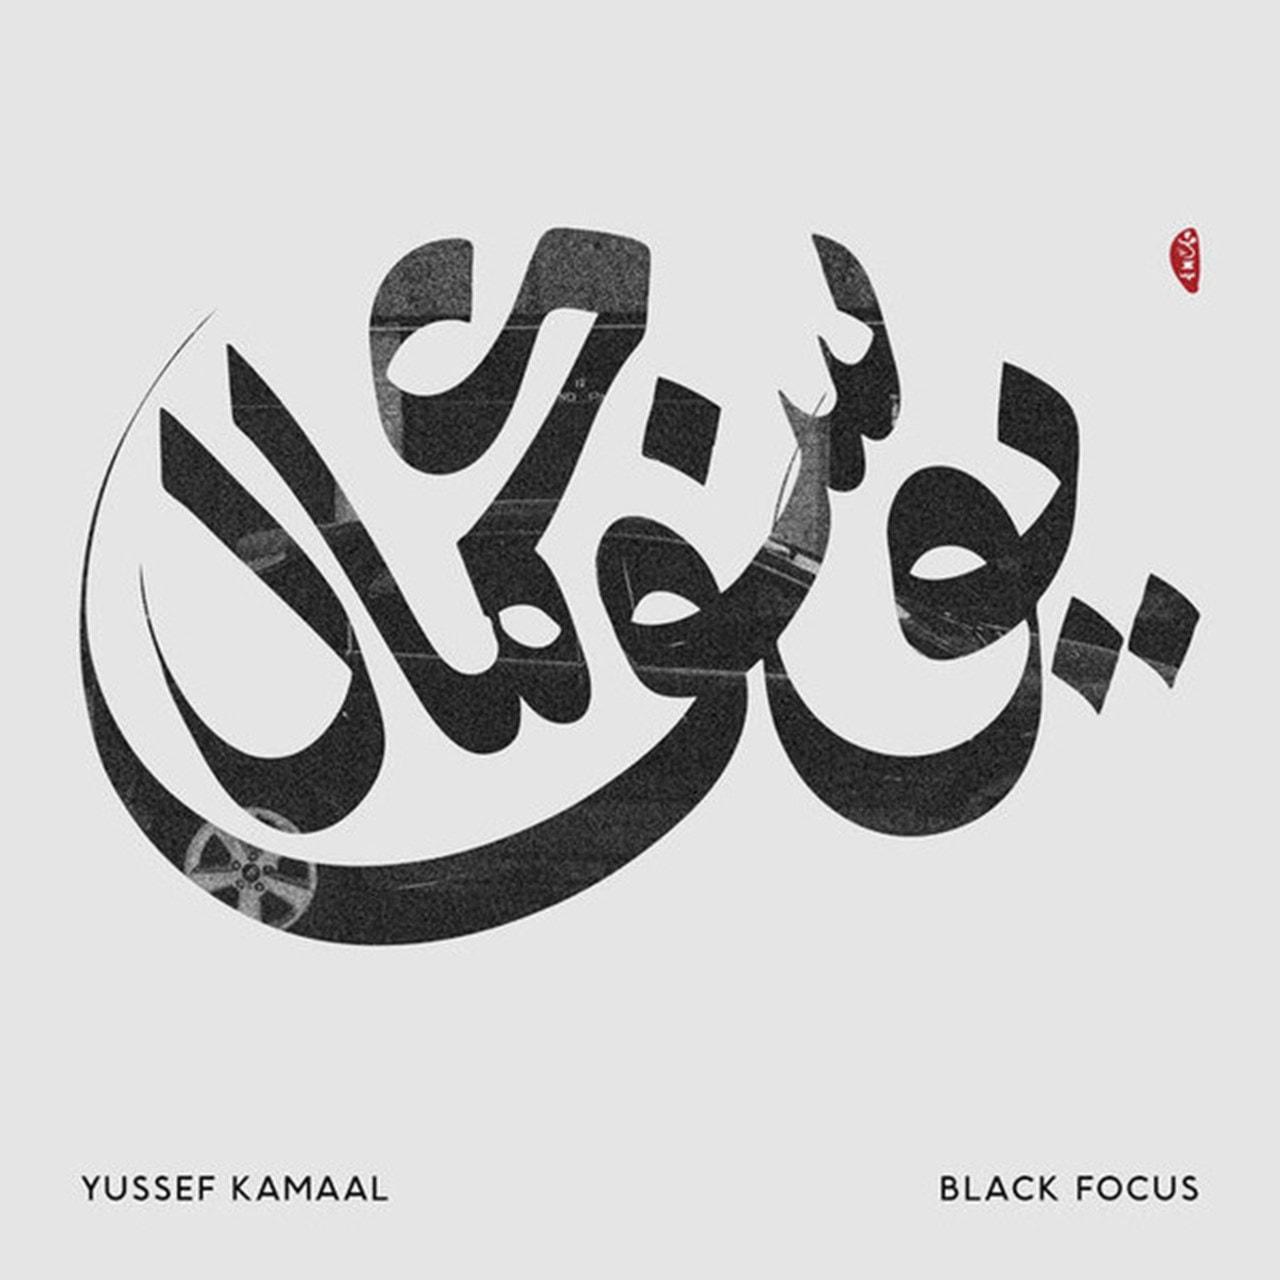 Black Focus - 1